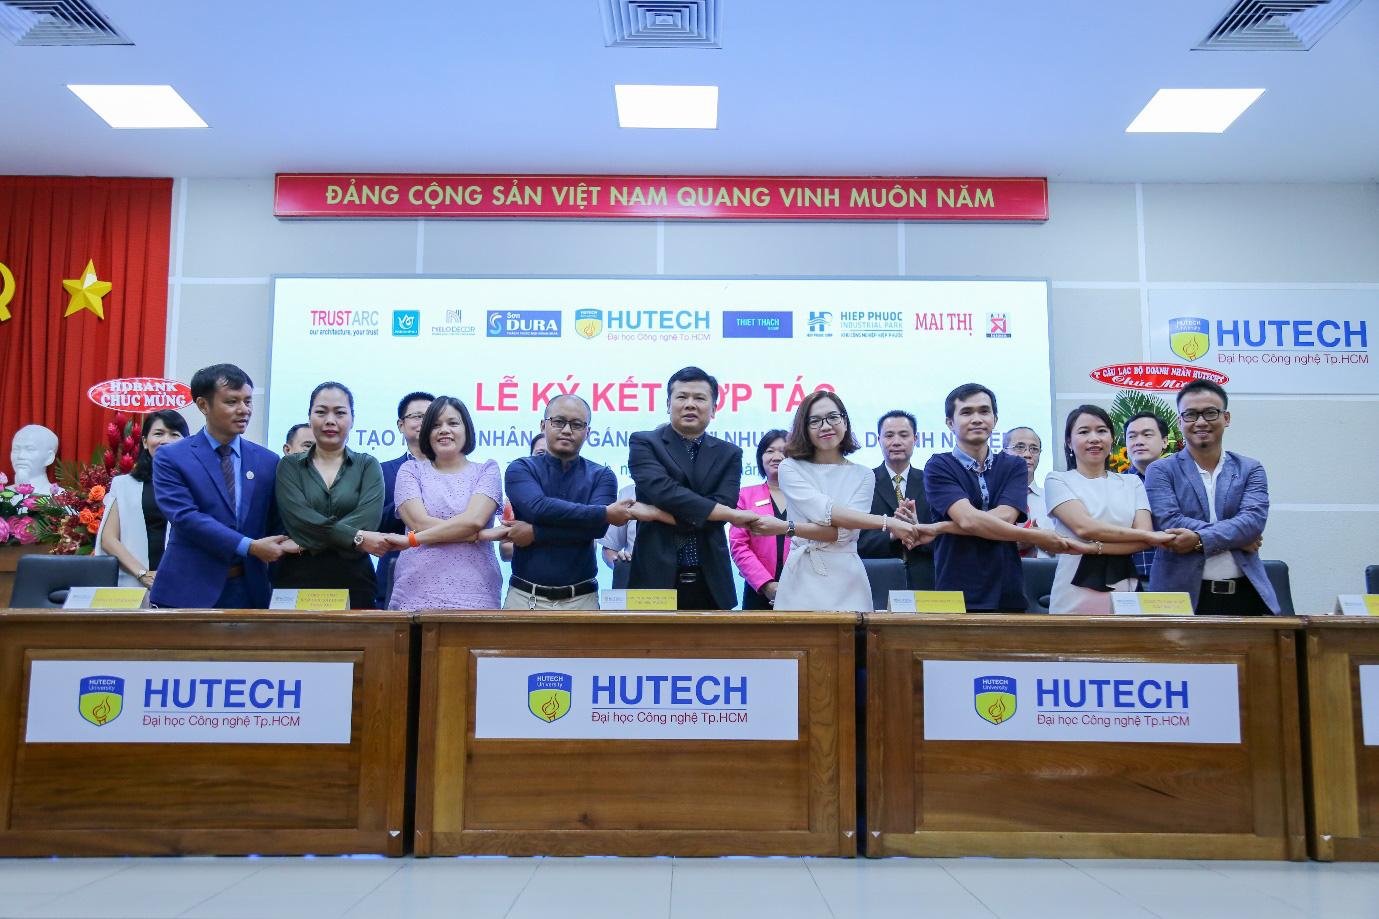 """""""Giải mã"""" sức hút của ngành Logistics & Quản lý chuỗi cung ứng tại HUTECH - Ảnh 2."""